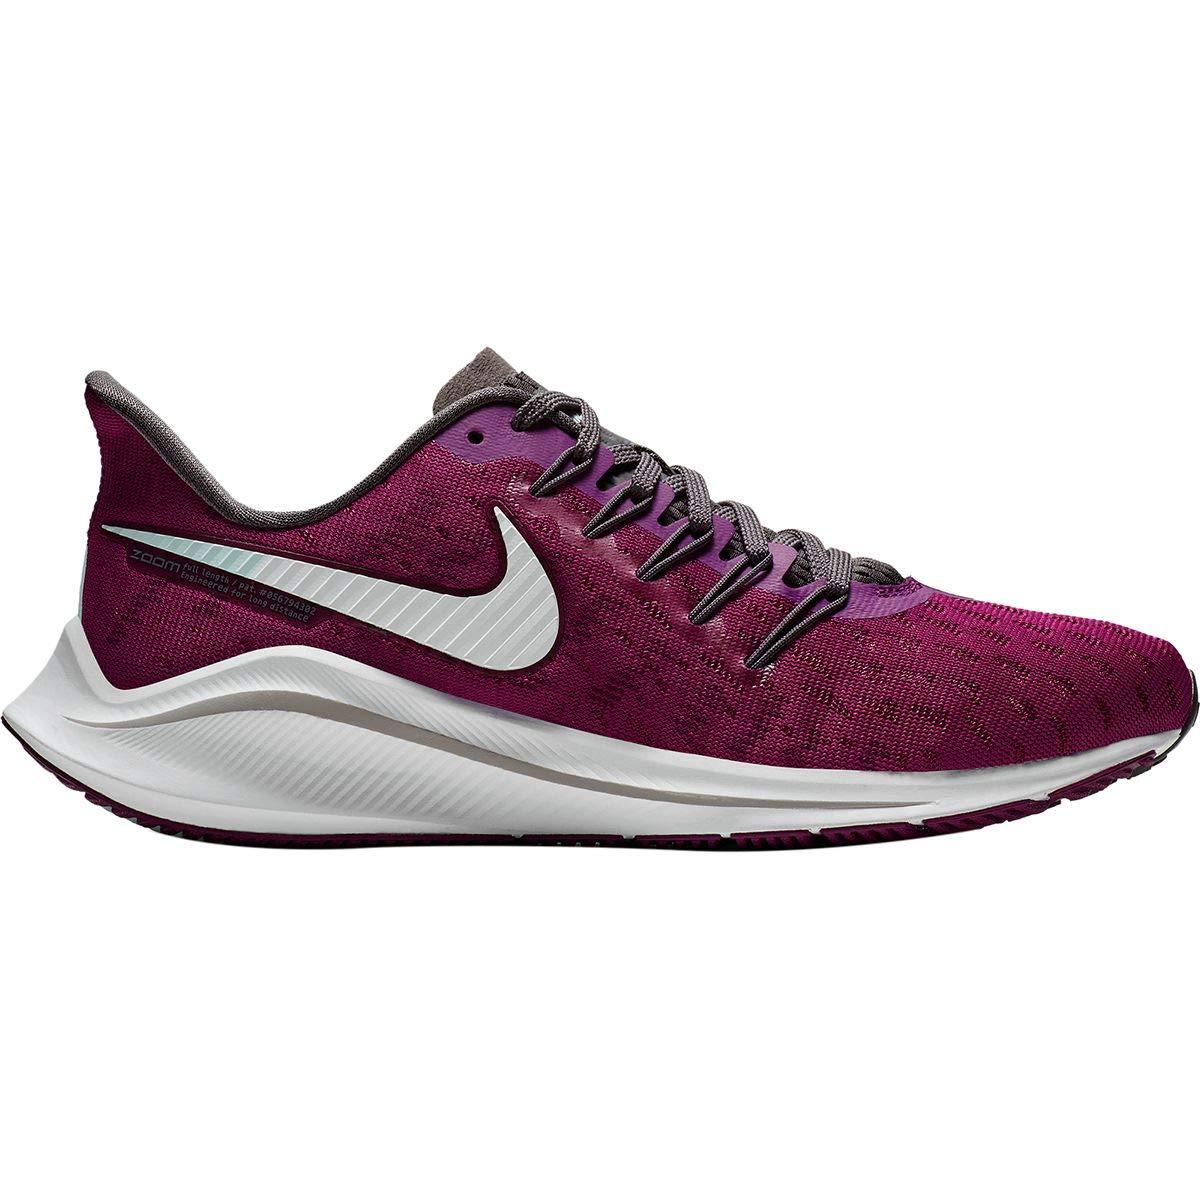 最安価格 [ナイキ] レディース ランニング Air Zoom 8 Vomero [並行輸入品] 14 Running Shoe Air [並行輸入品] B07P1QM8KK 8, 雨竜郡:920496da --- womaniyya.com